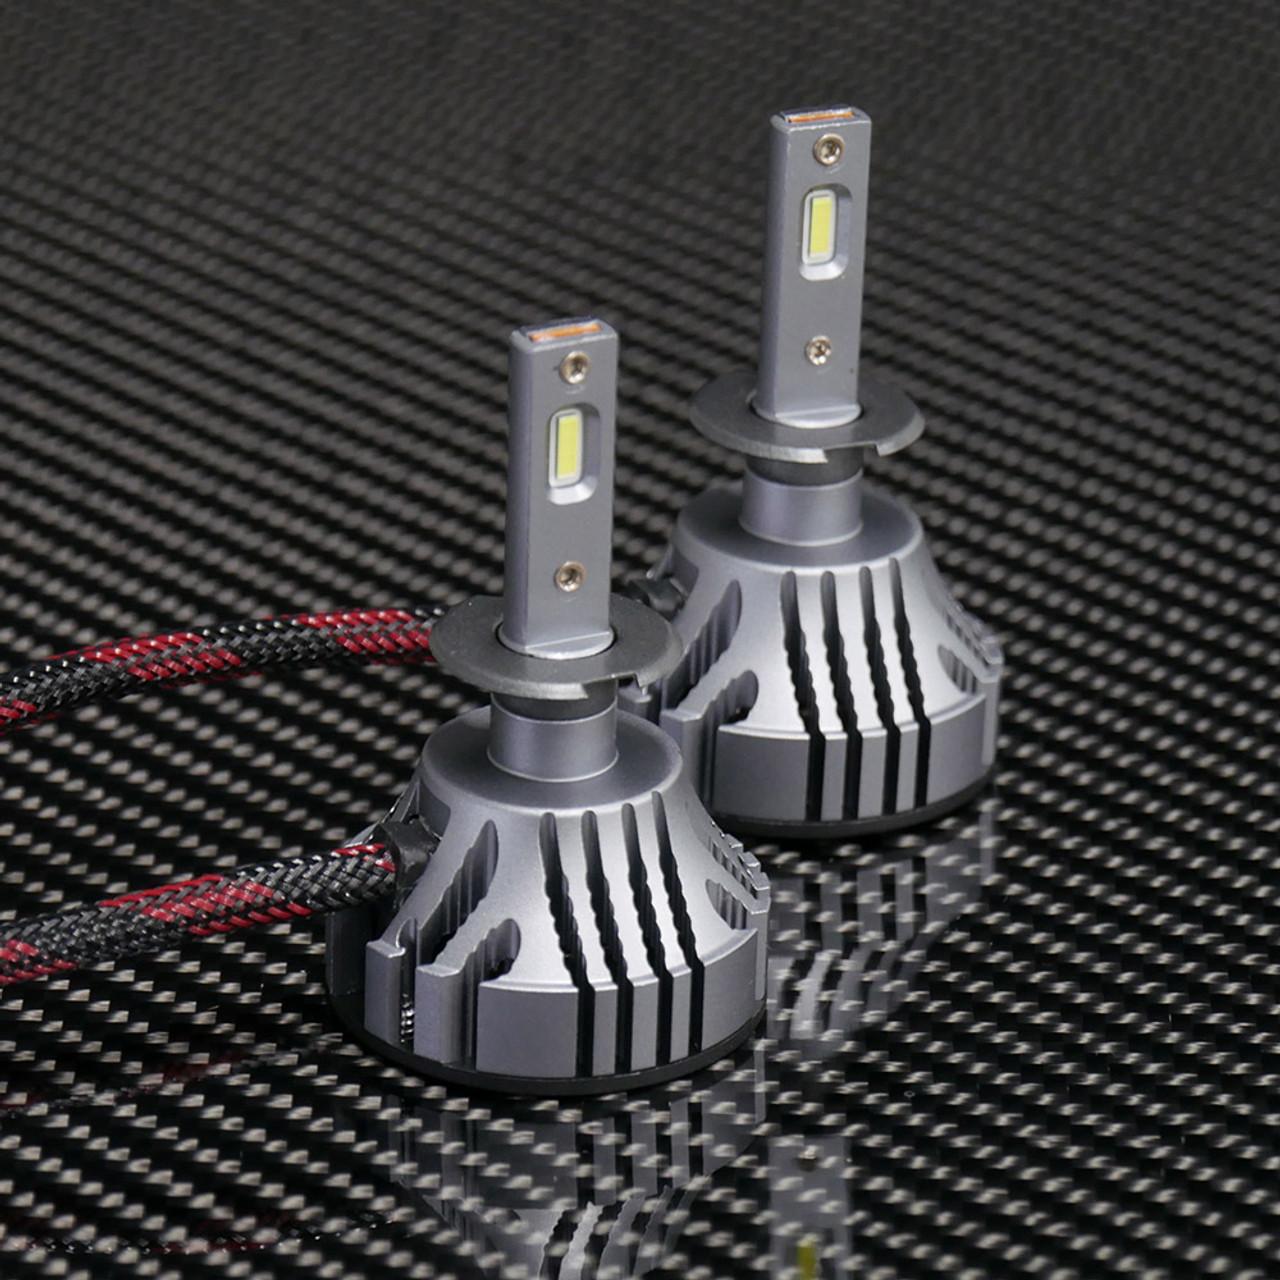 V 4 LED Headlights, H3 Bulbs